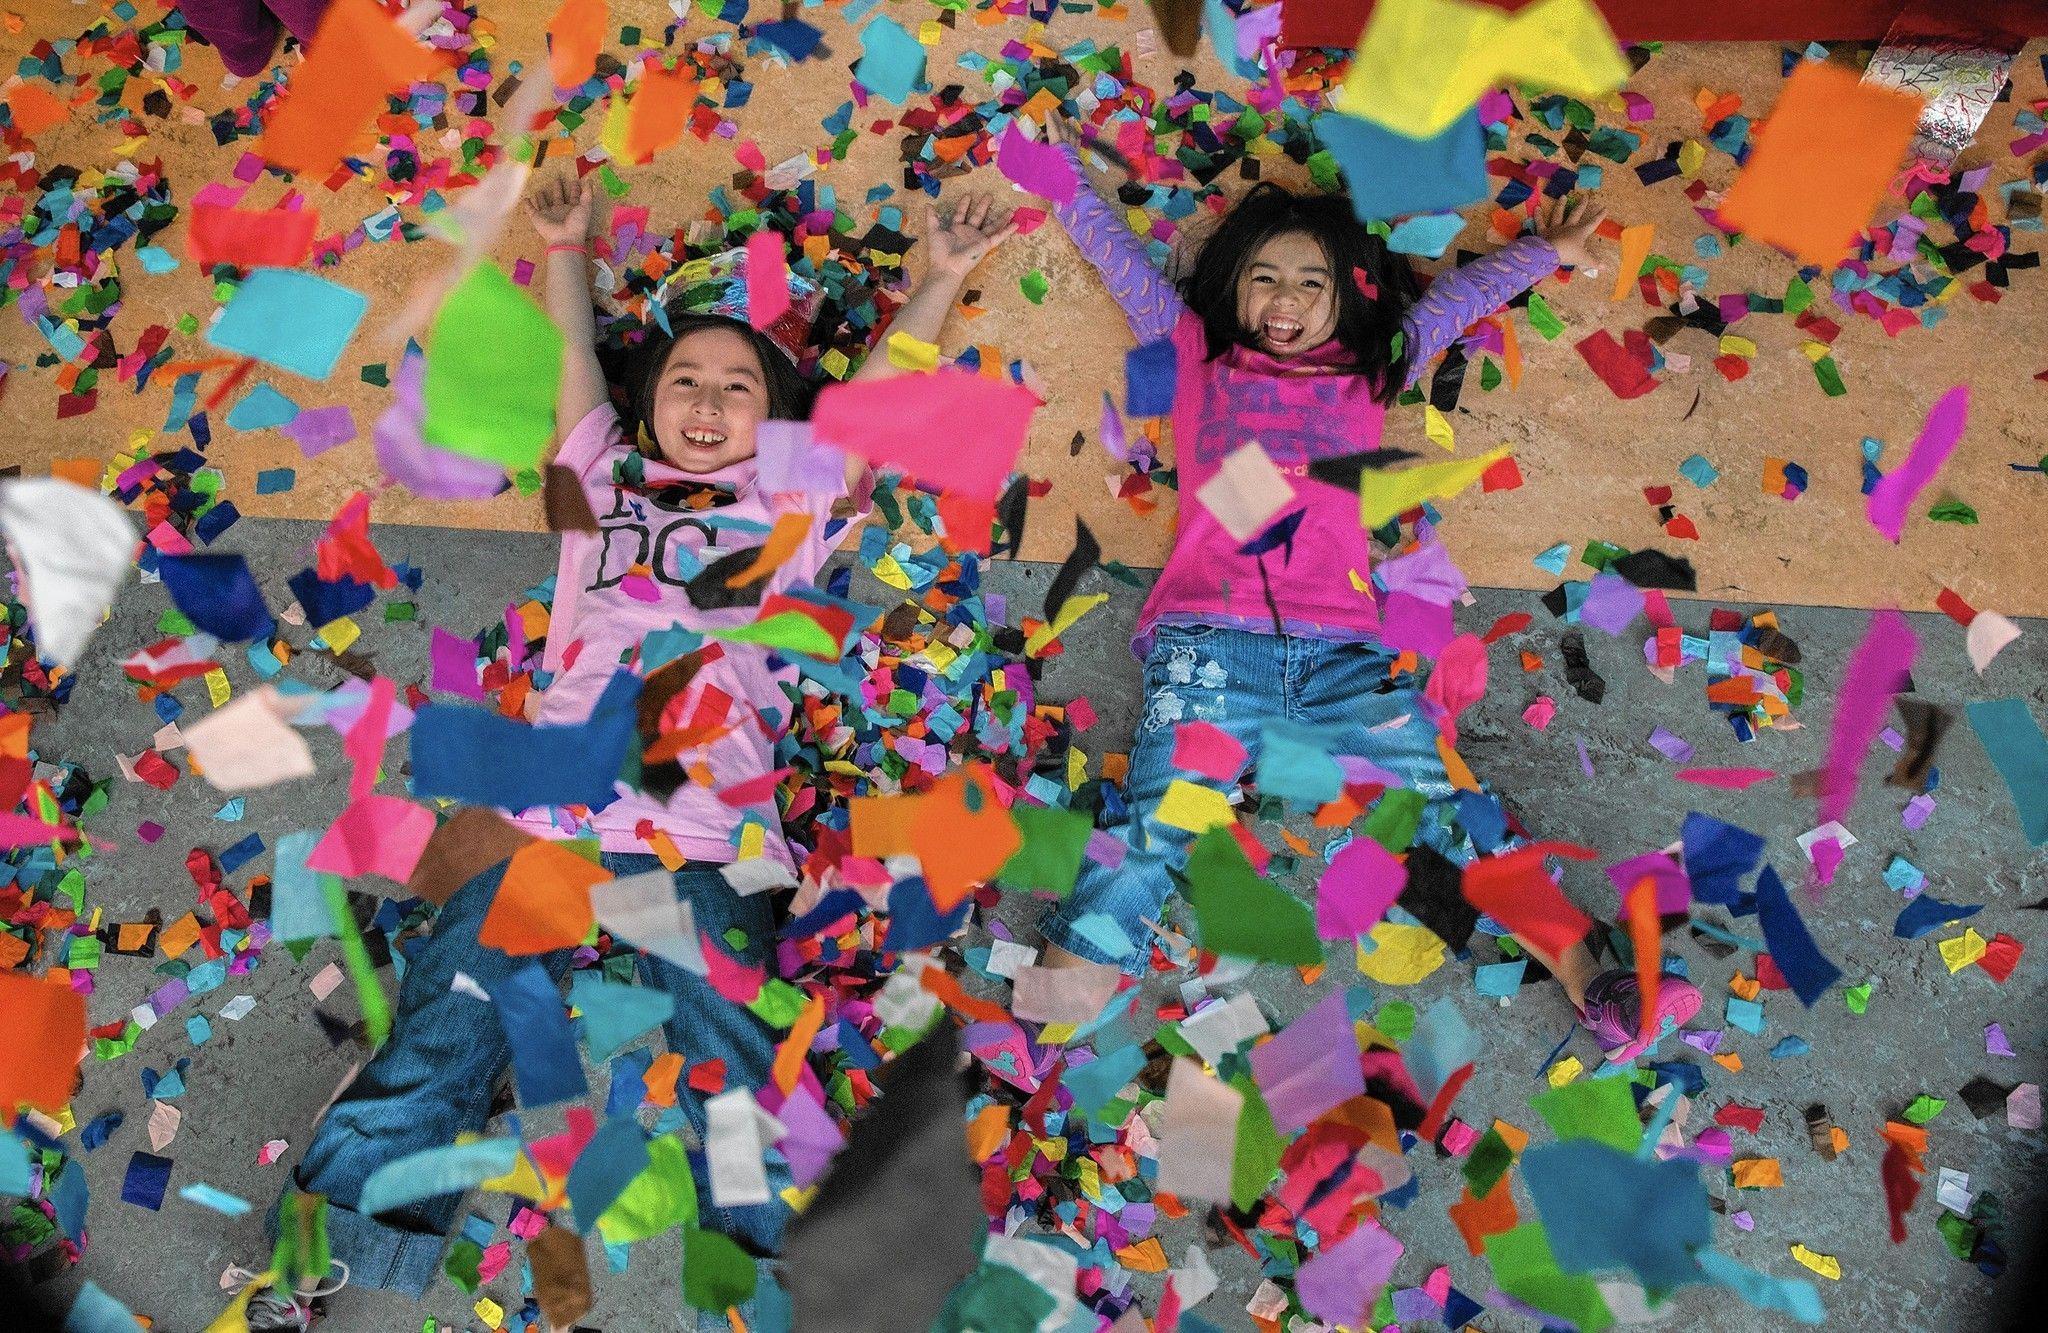 Children's museum, arboretum slash price for low-income families